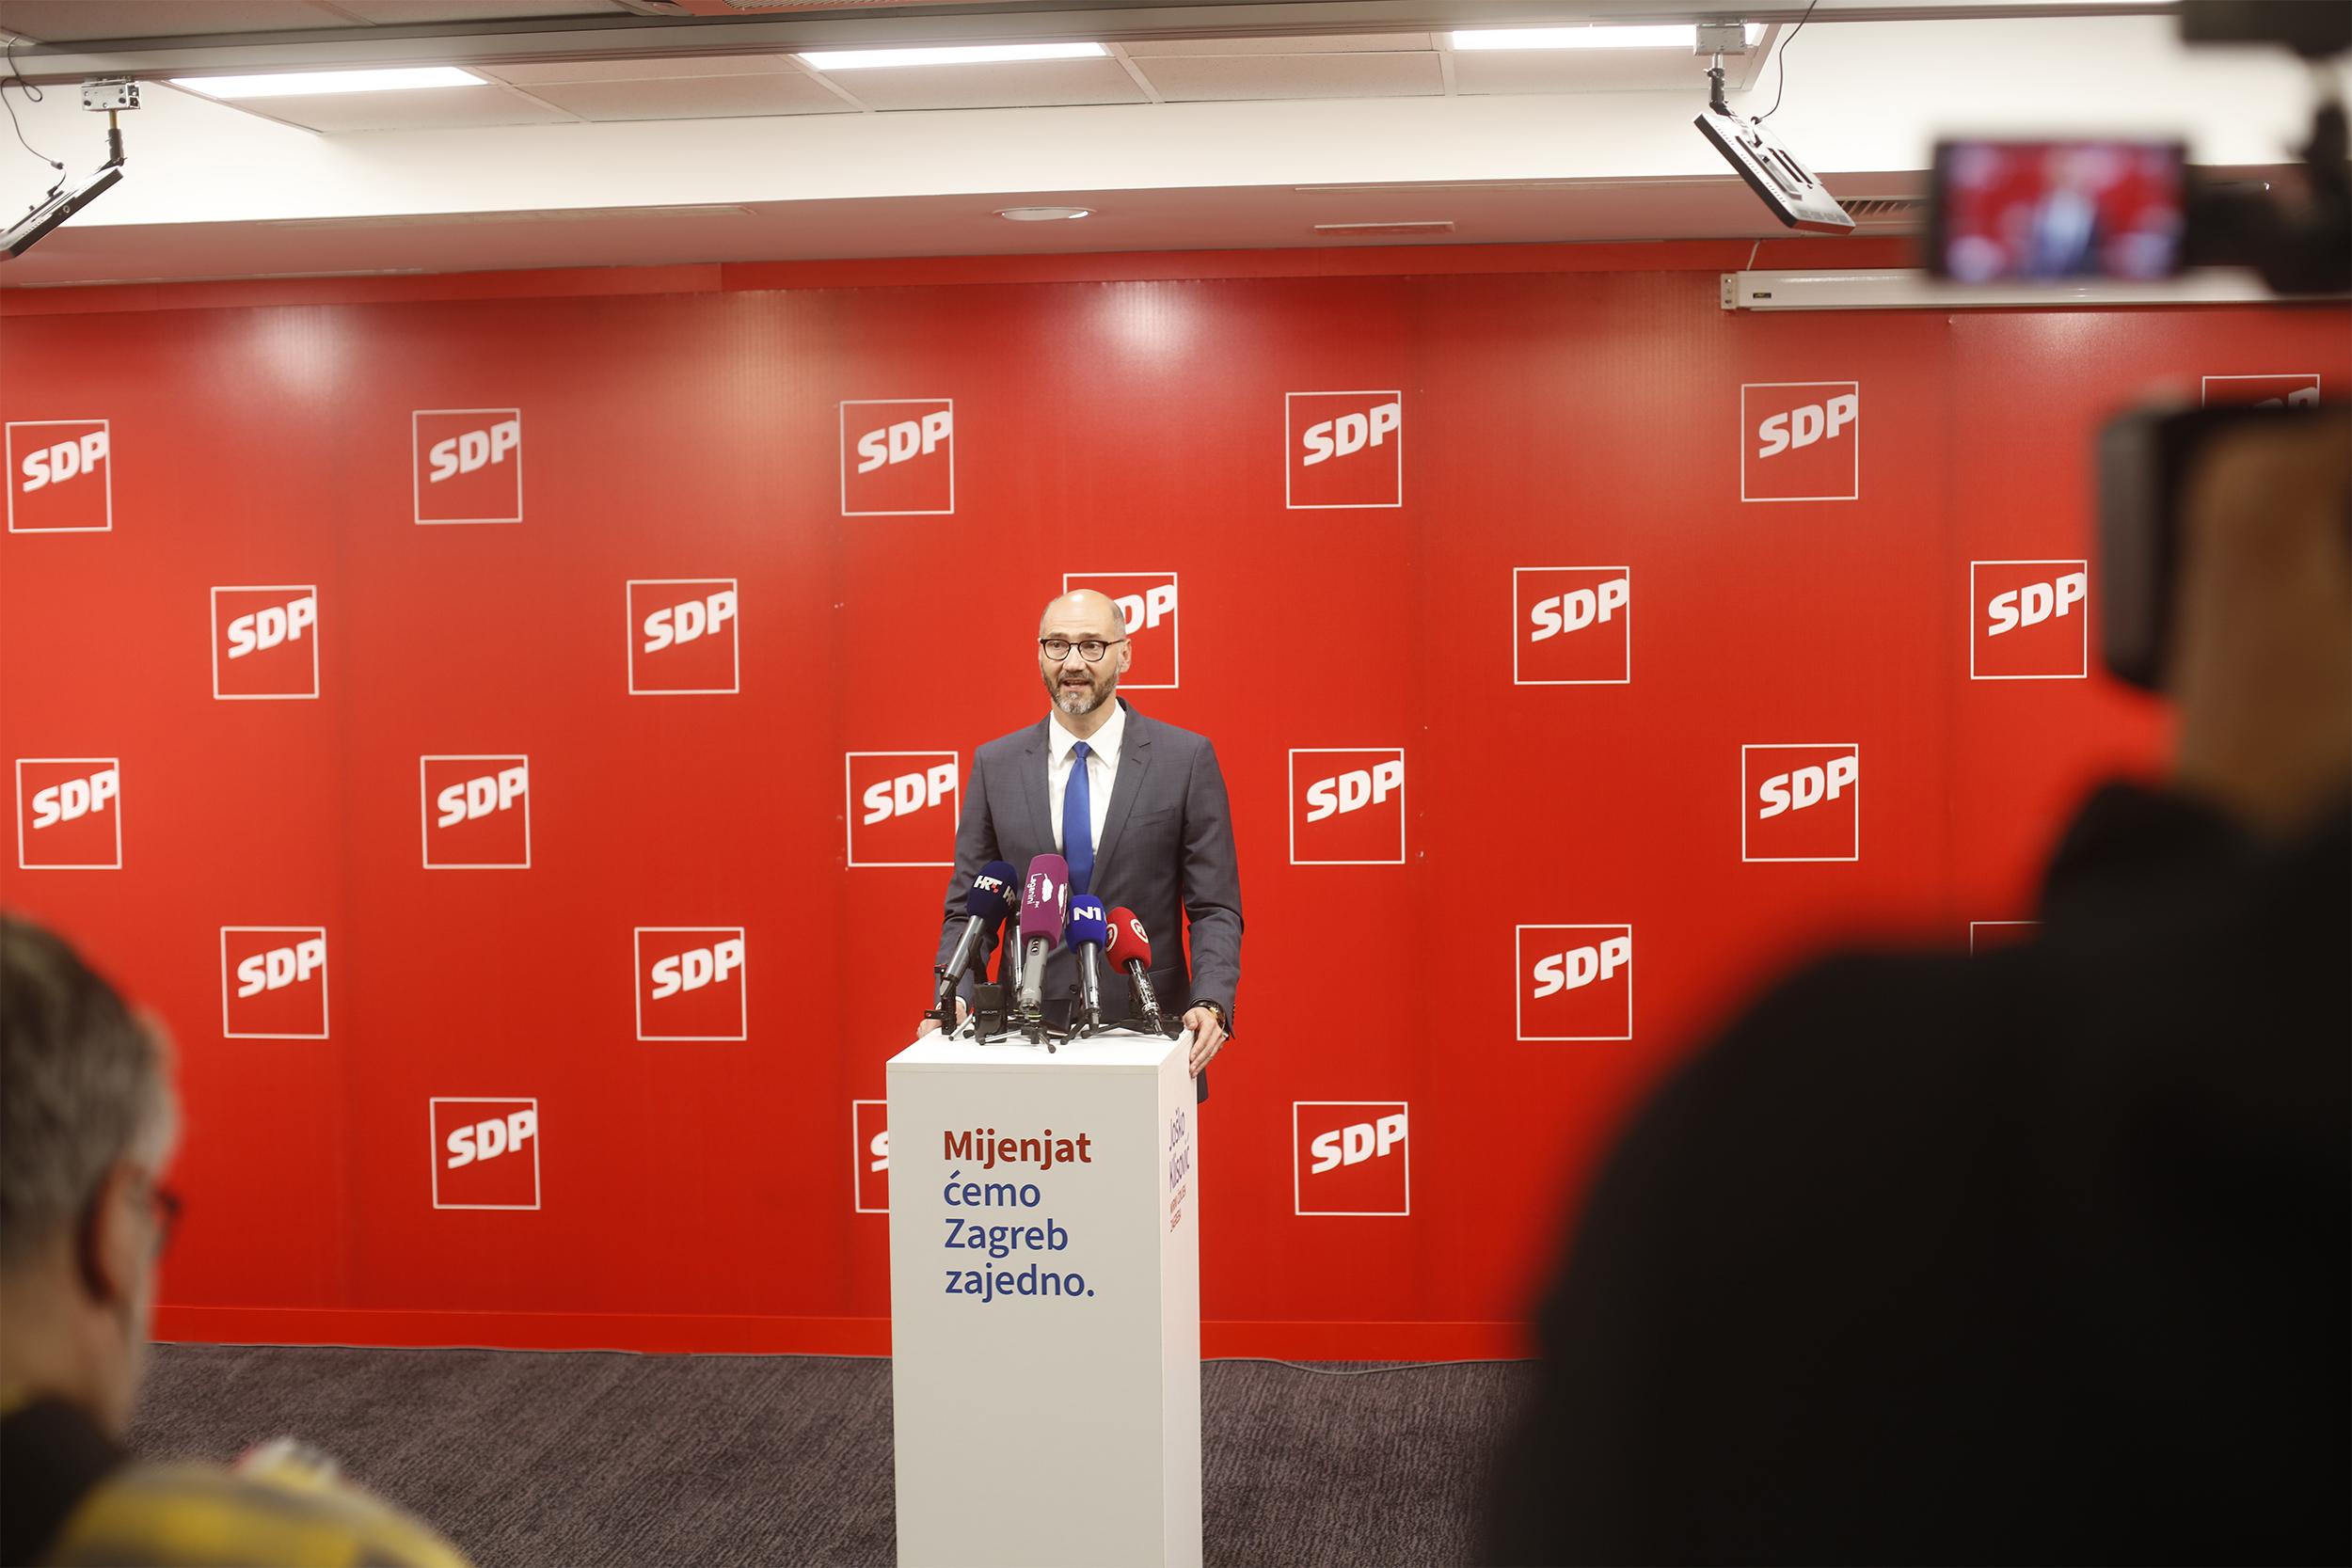 Joško Klisović i njegov tim obećali su biračima konsolidaciju gradskog proračuna i transparentno vođenje financija te smanjenje zagrebačkog prireza s 18 na 12 posto.